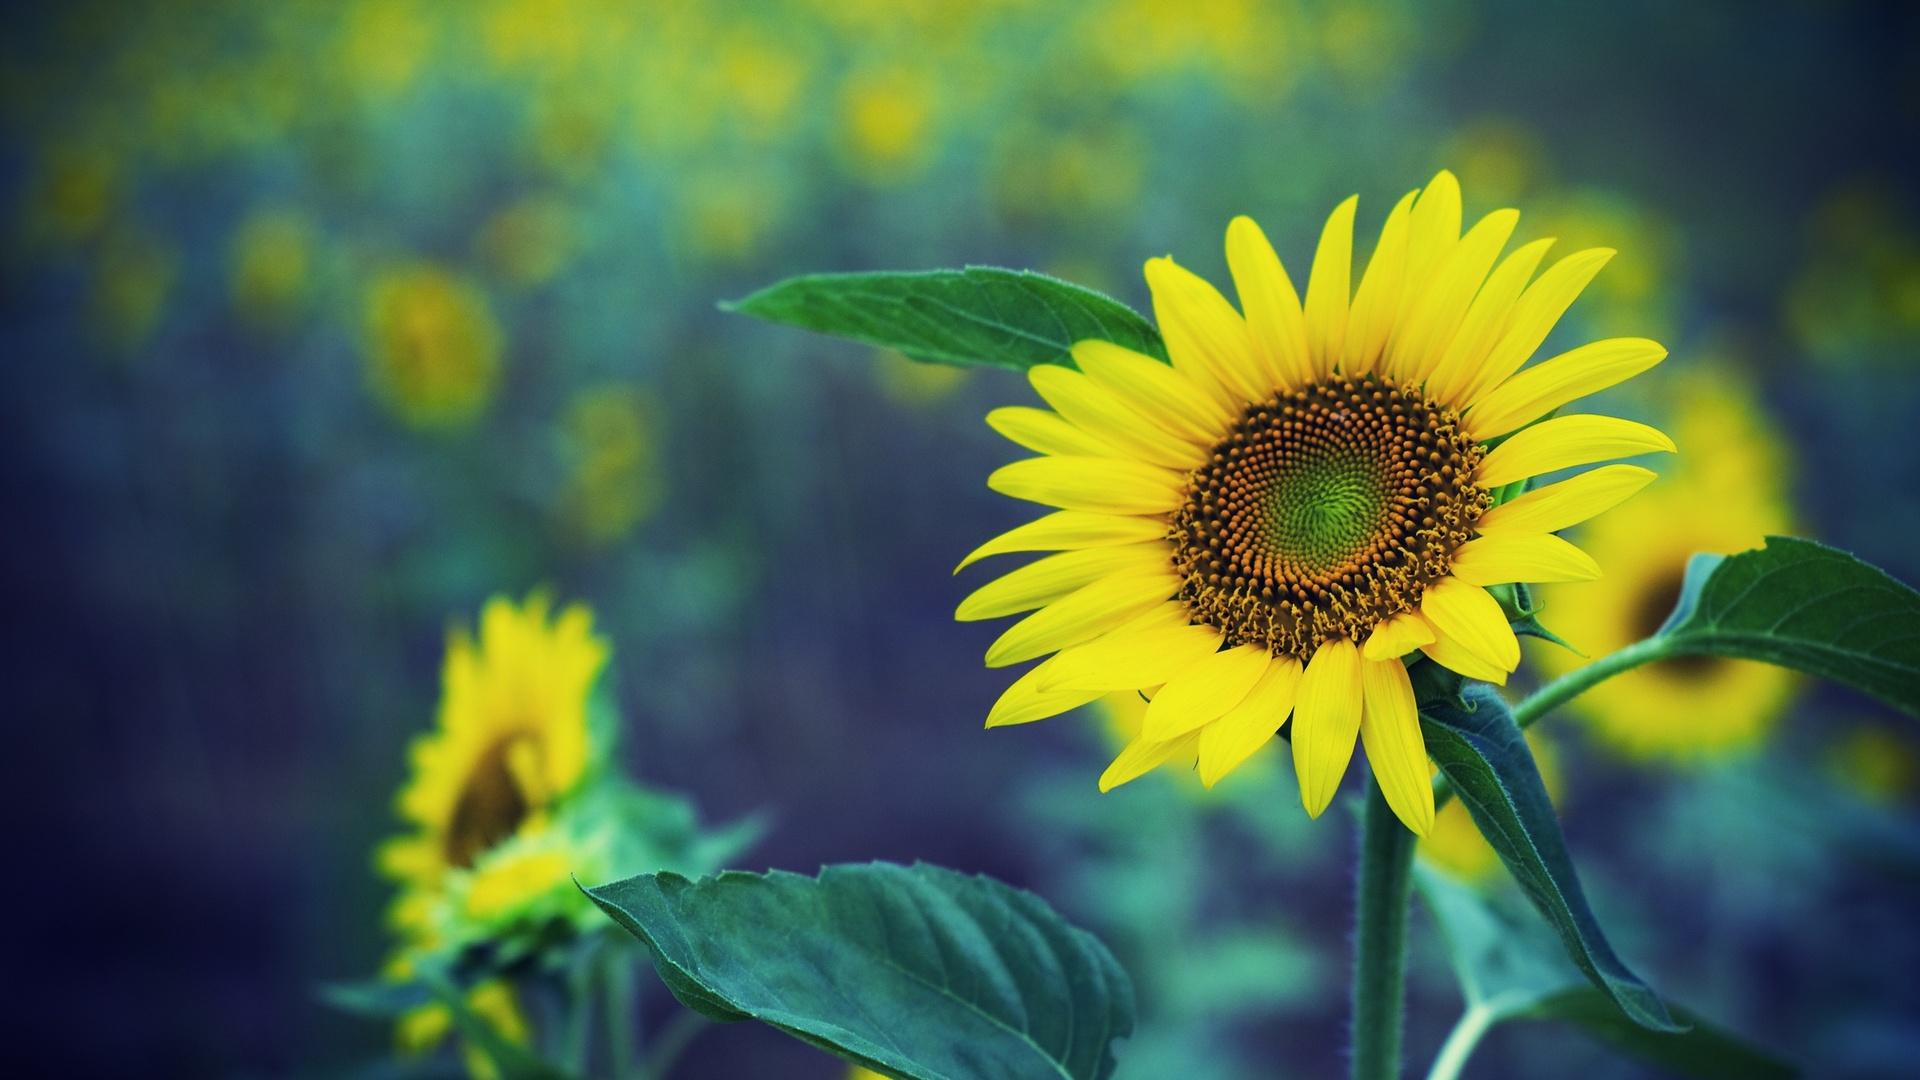 hình ảnh lọ hoa hướng dương